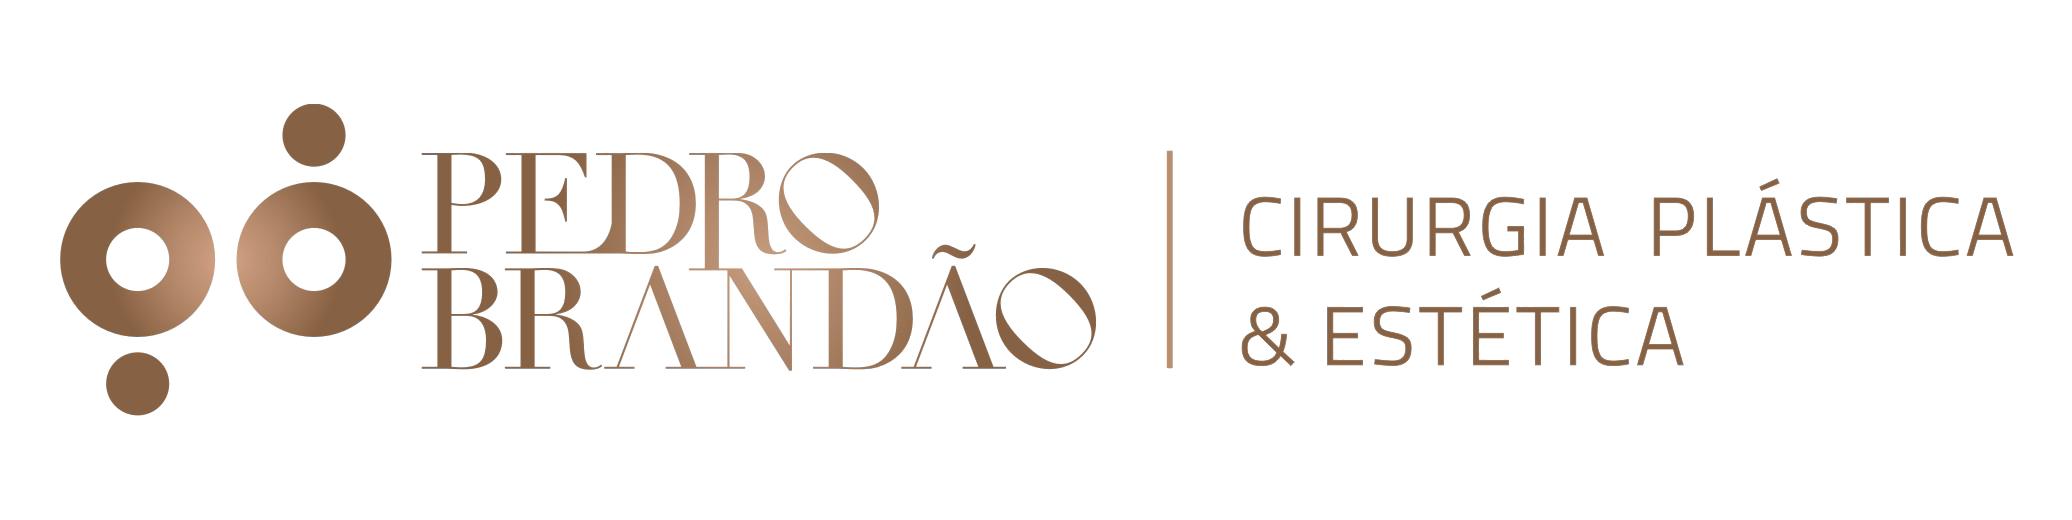 Dr. Pedro Brandão – Cirurgia Plástica e Estética – Brasília – DF